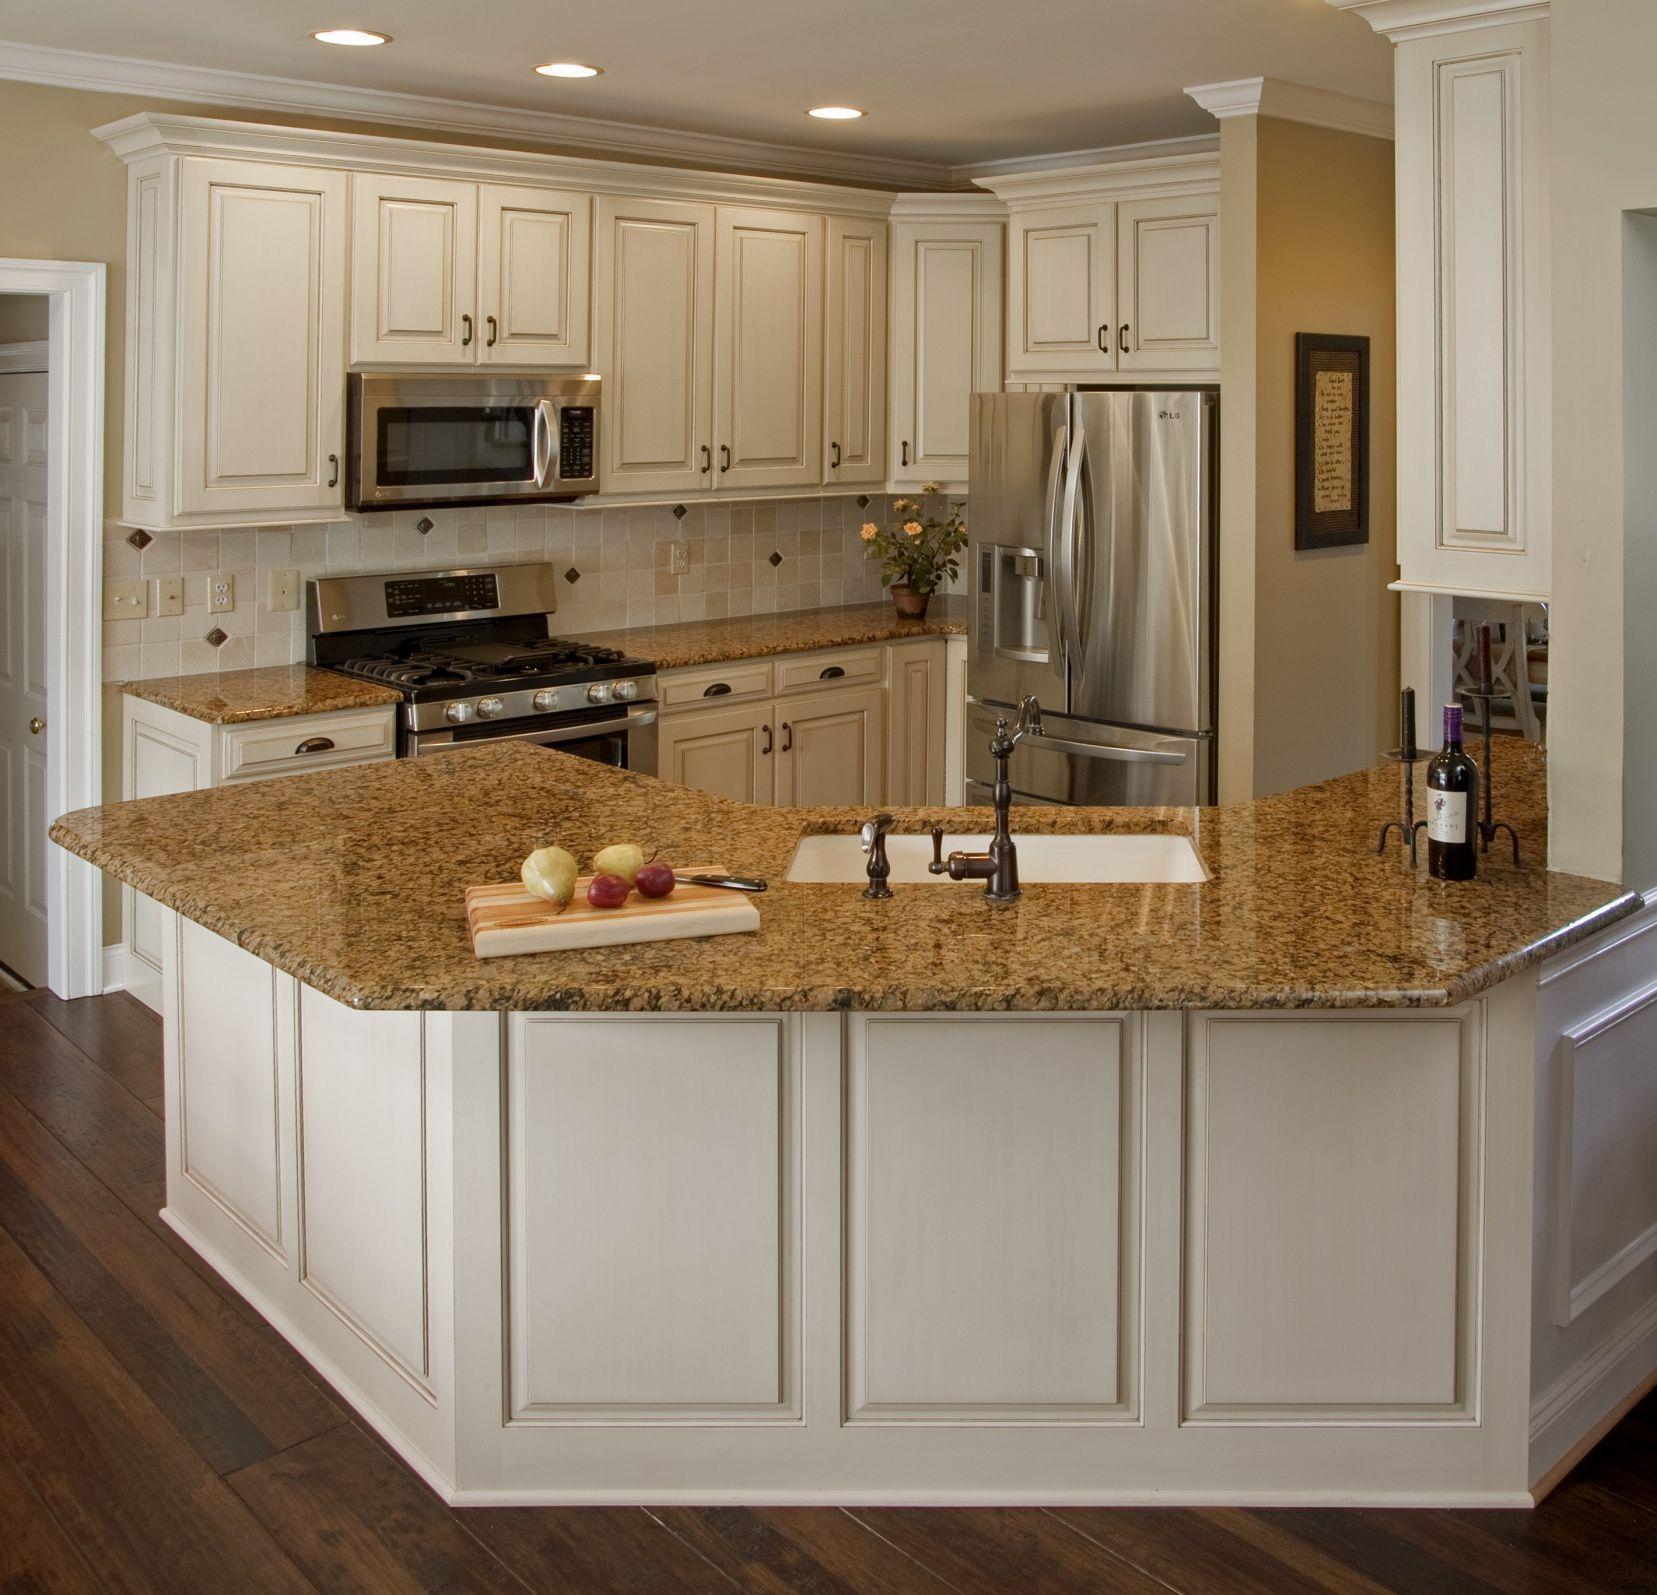 2019 Granite Countertop Cost Calculator - Kitchen island ...